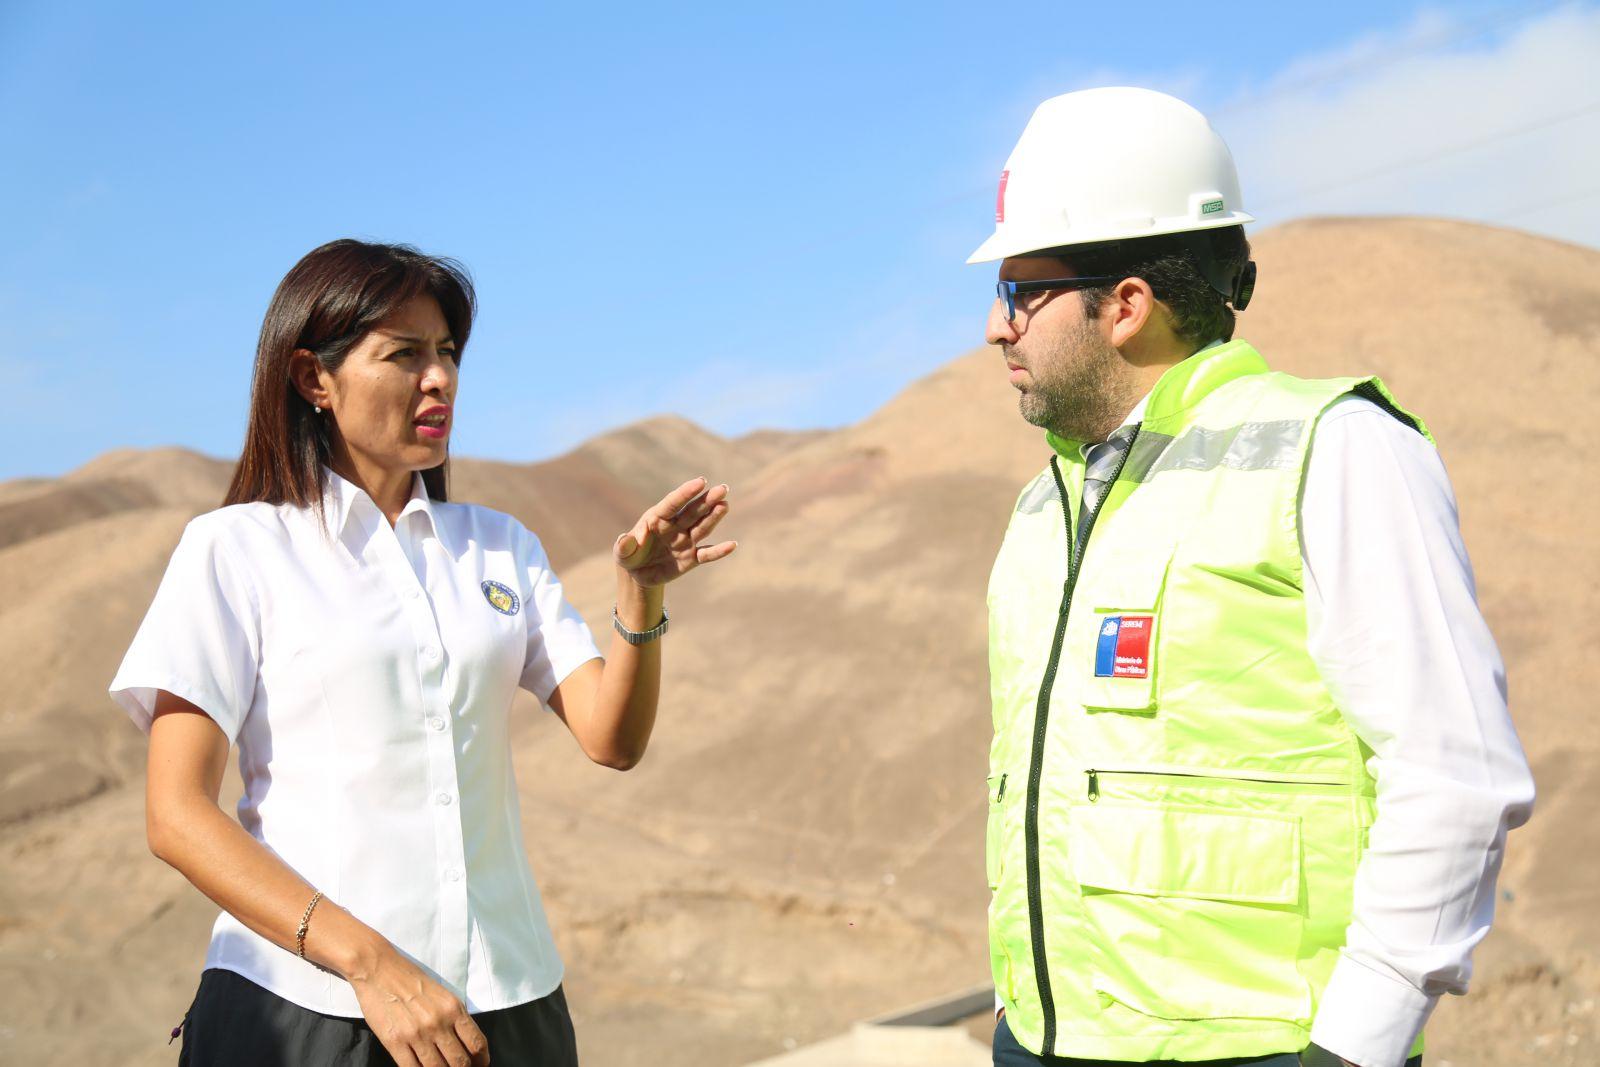 municipio-y-mop-preparan-plan-anual-de-limpieza-de-quebradas-y-vias-aluviales